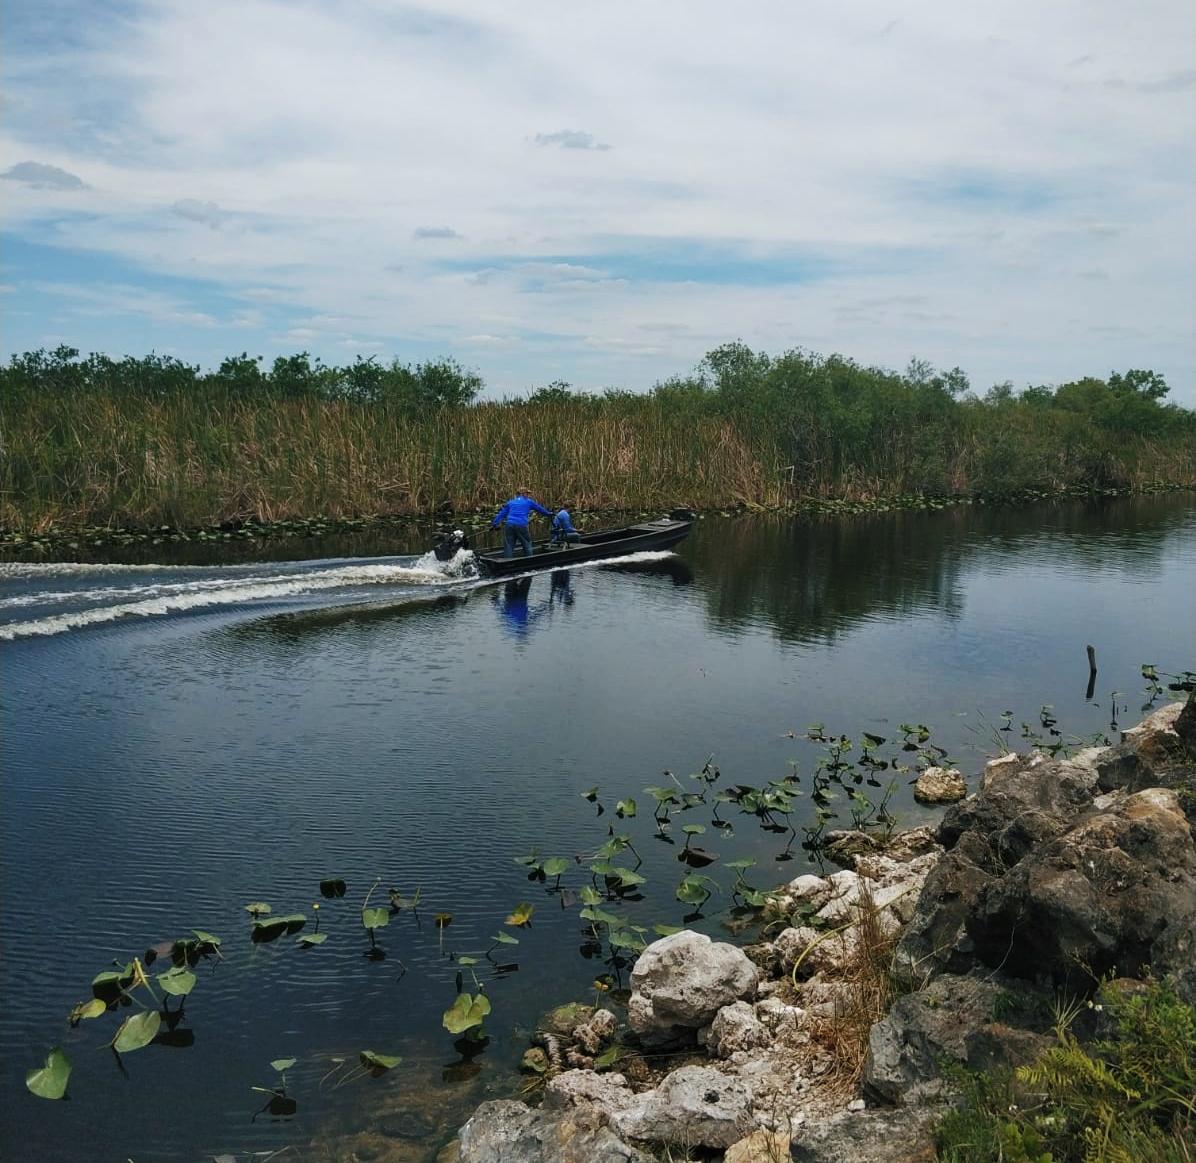 טיולי יום בפלורידה אטרקציות תנינים לאן כדגאי ללכת